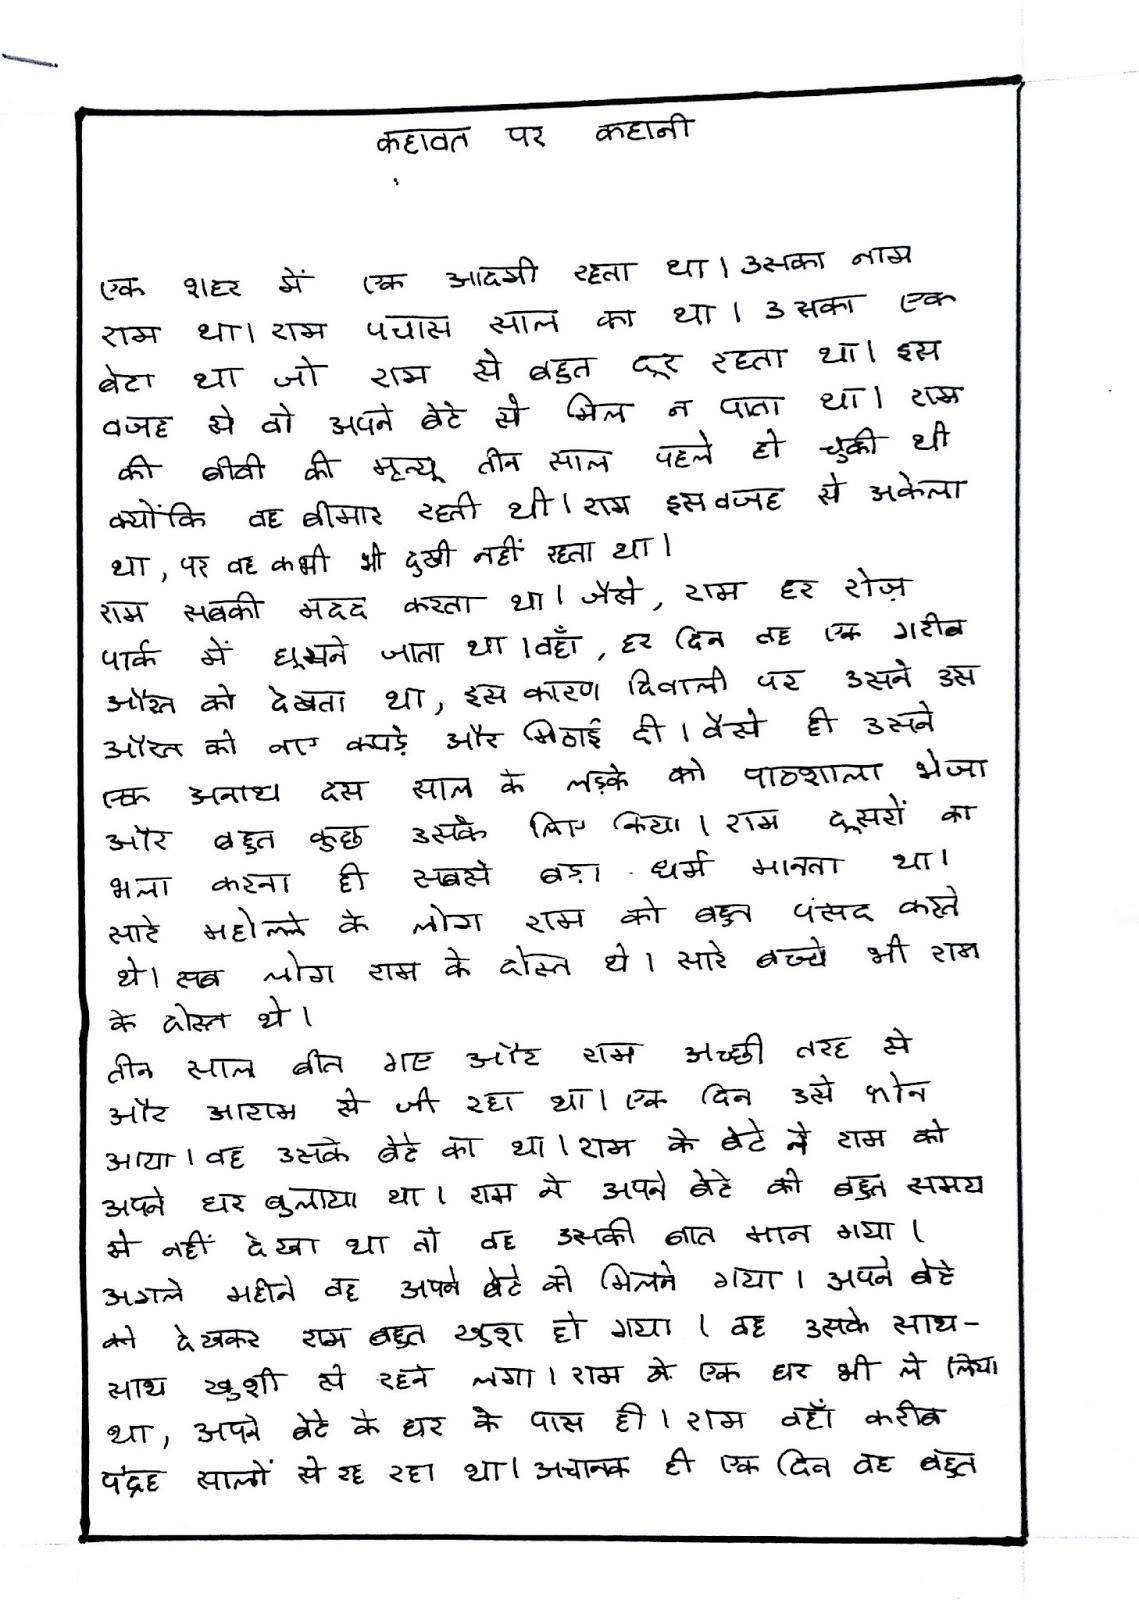 Saris parhit bhai essay dharma nahi